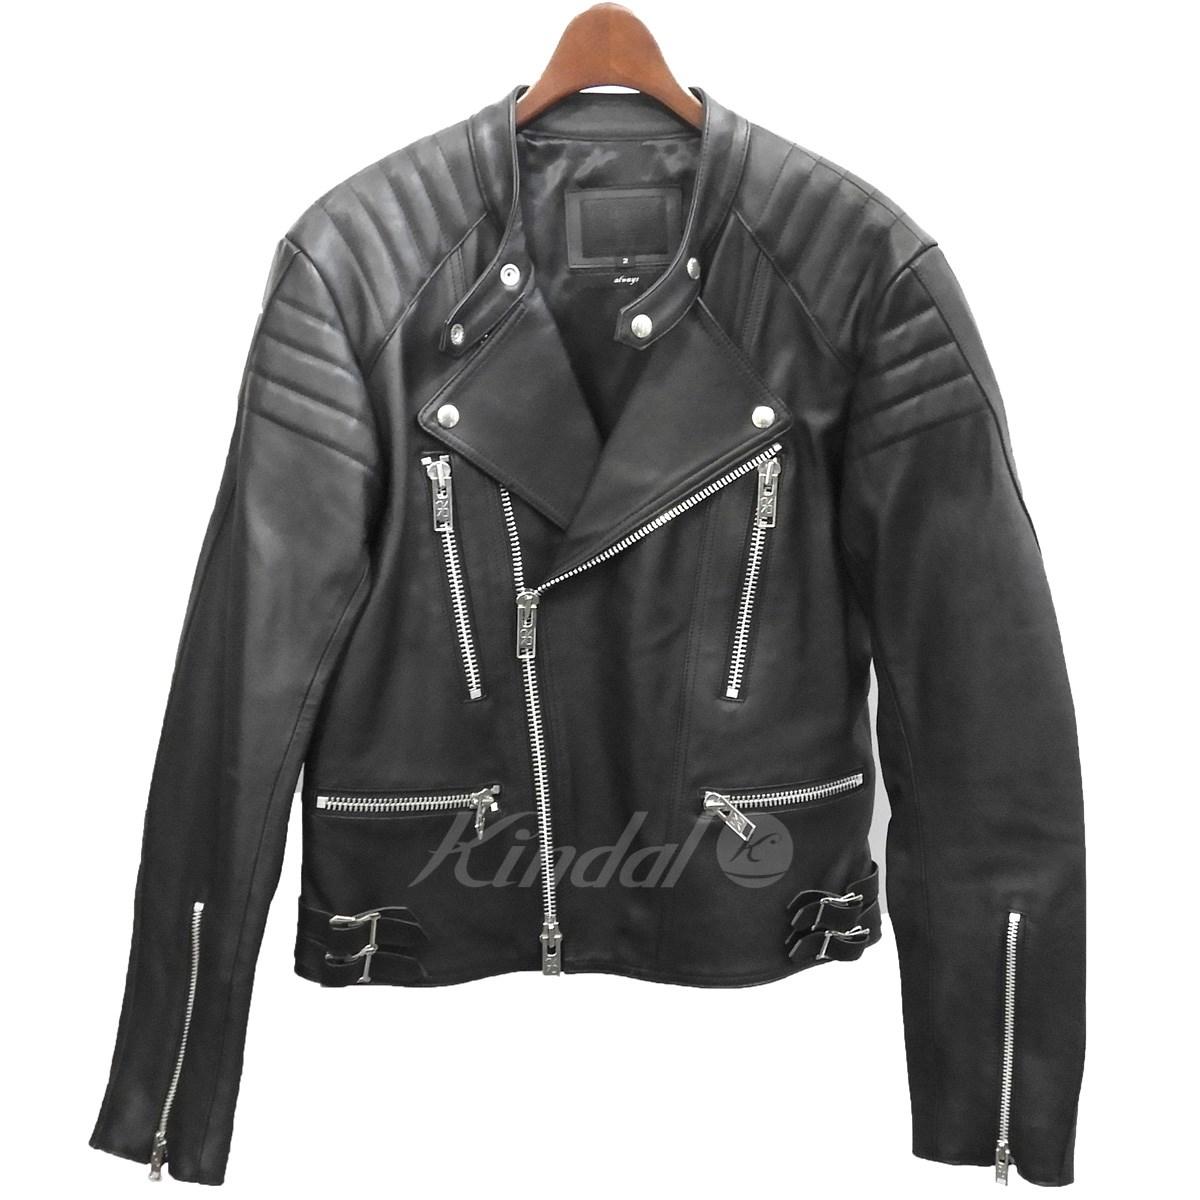 【中古】99%is ダブルライダースジャケット ブラック サイズ:2 【送料無料】 【120319】(ナインティーナインパーセントイズ)